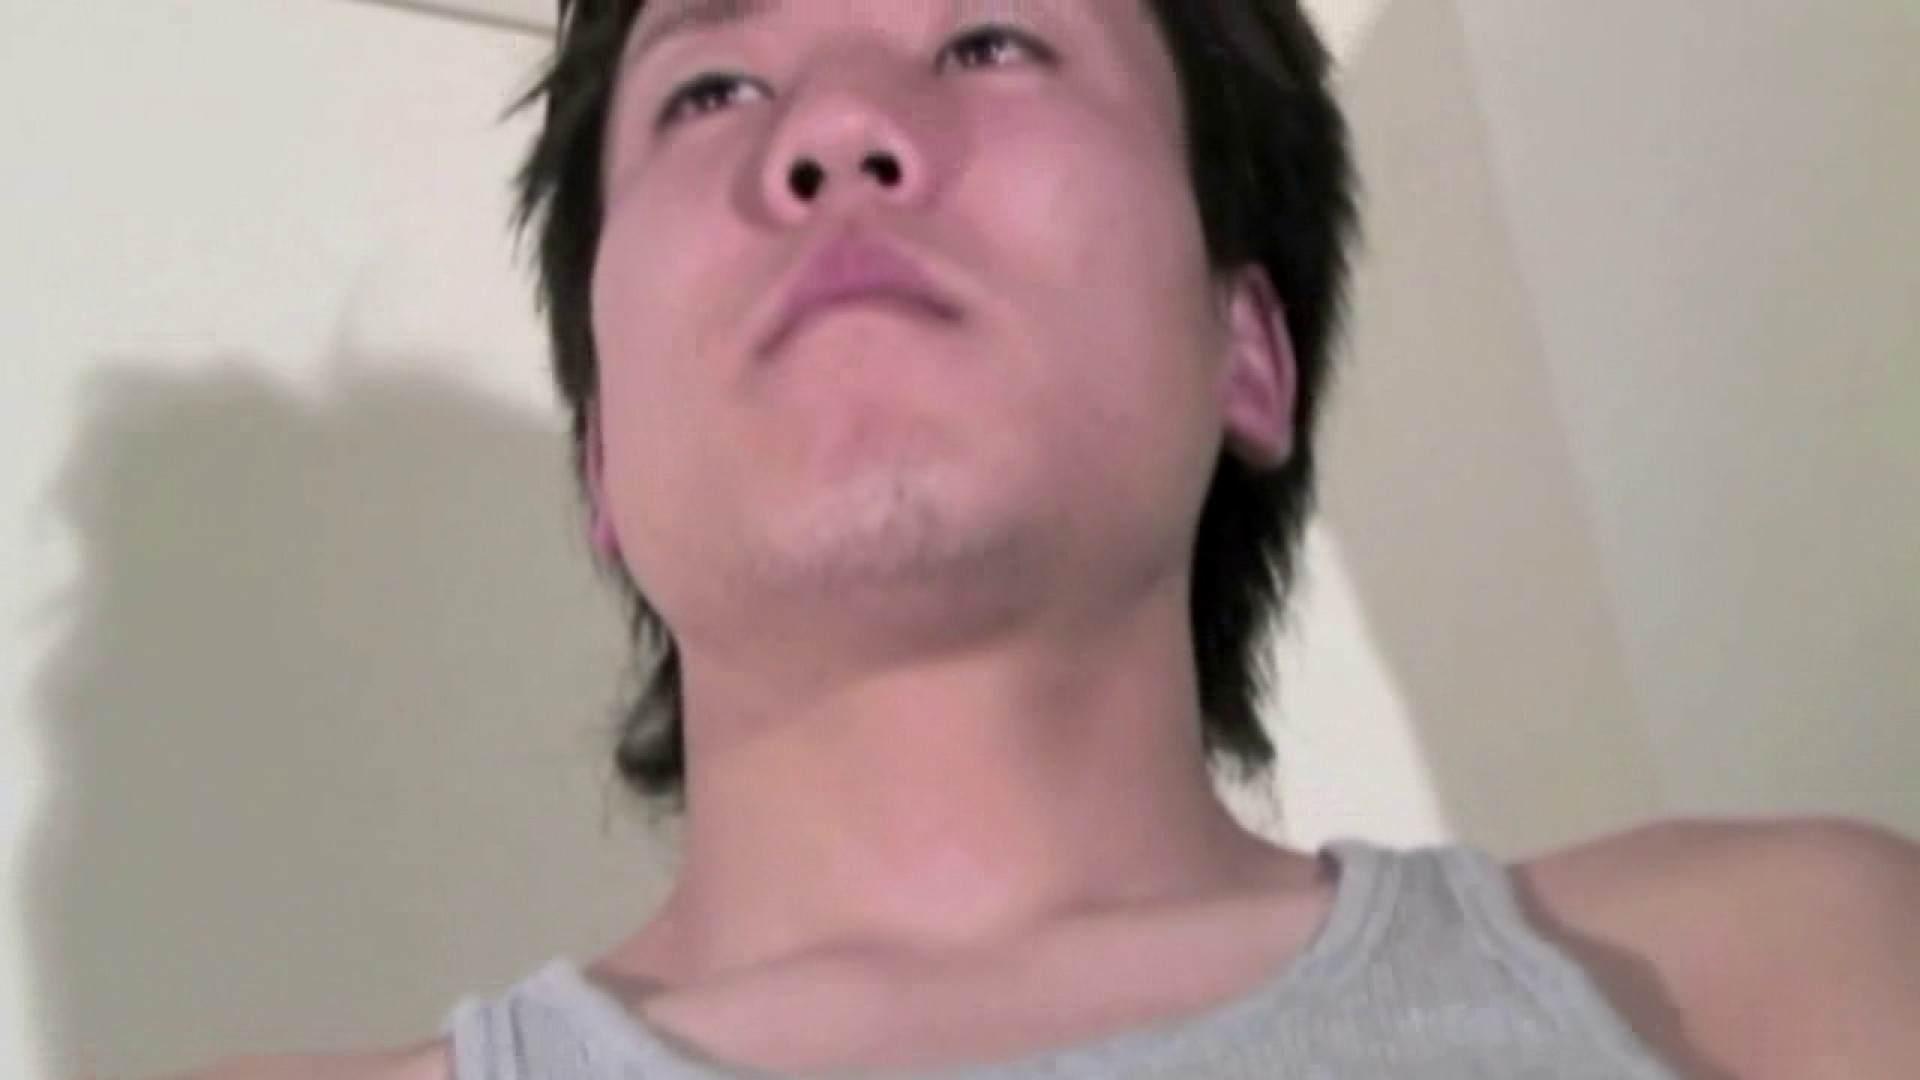 イケイケMENS CLUB【File.07】 オナニー アダルトビデオ画像キャプチャ 112枚 64